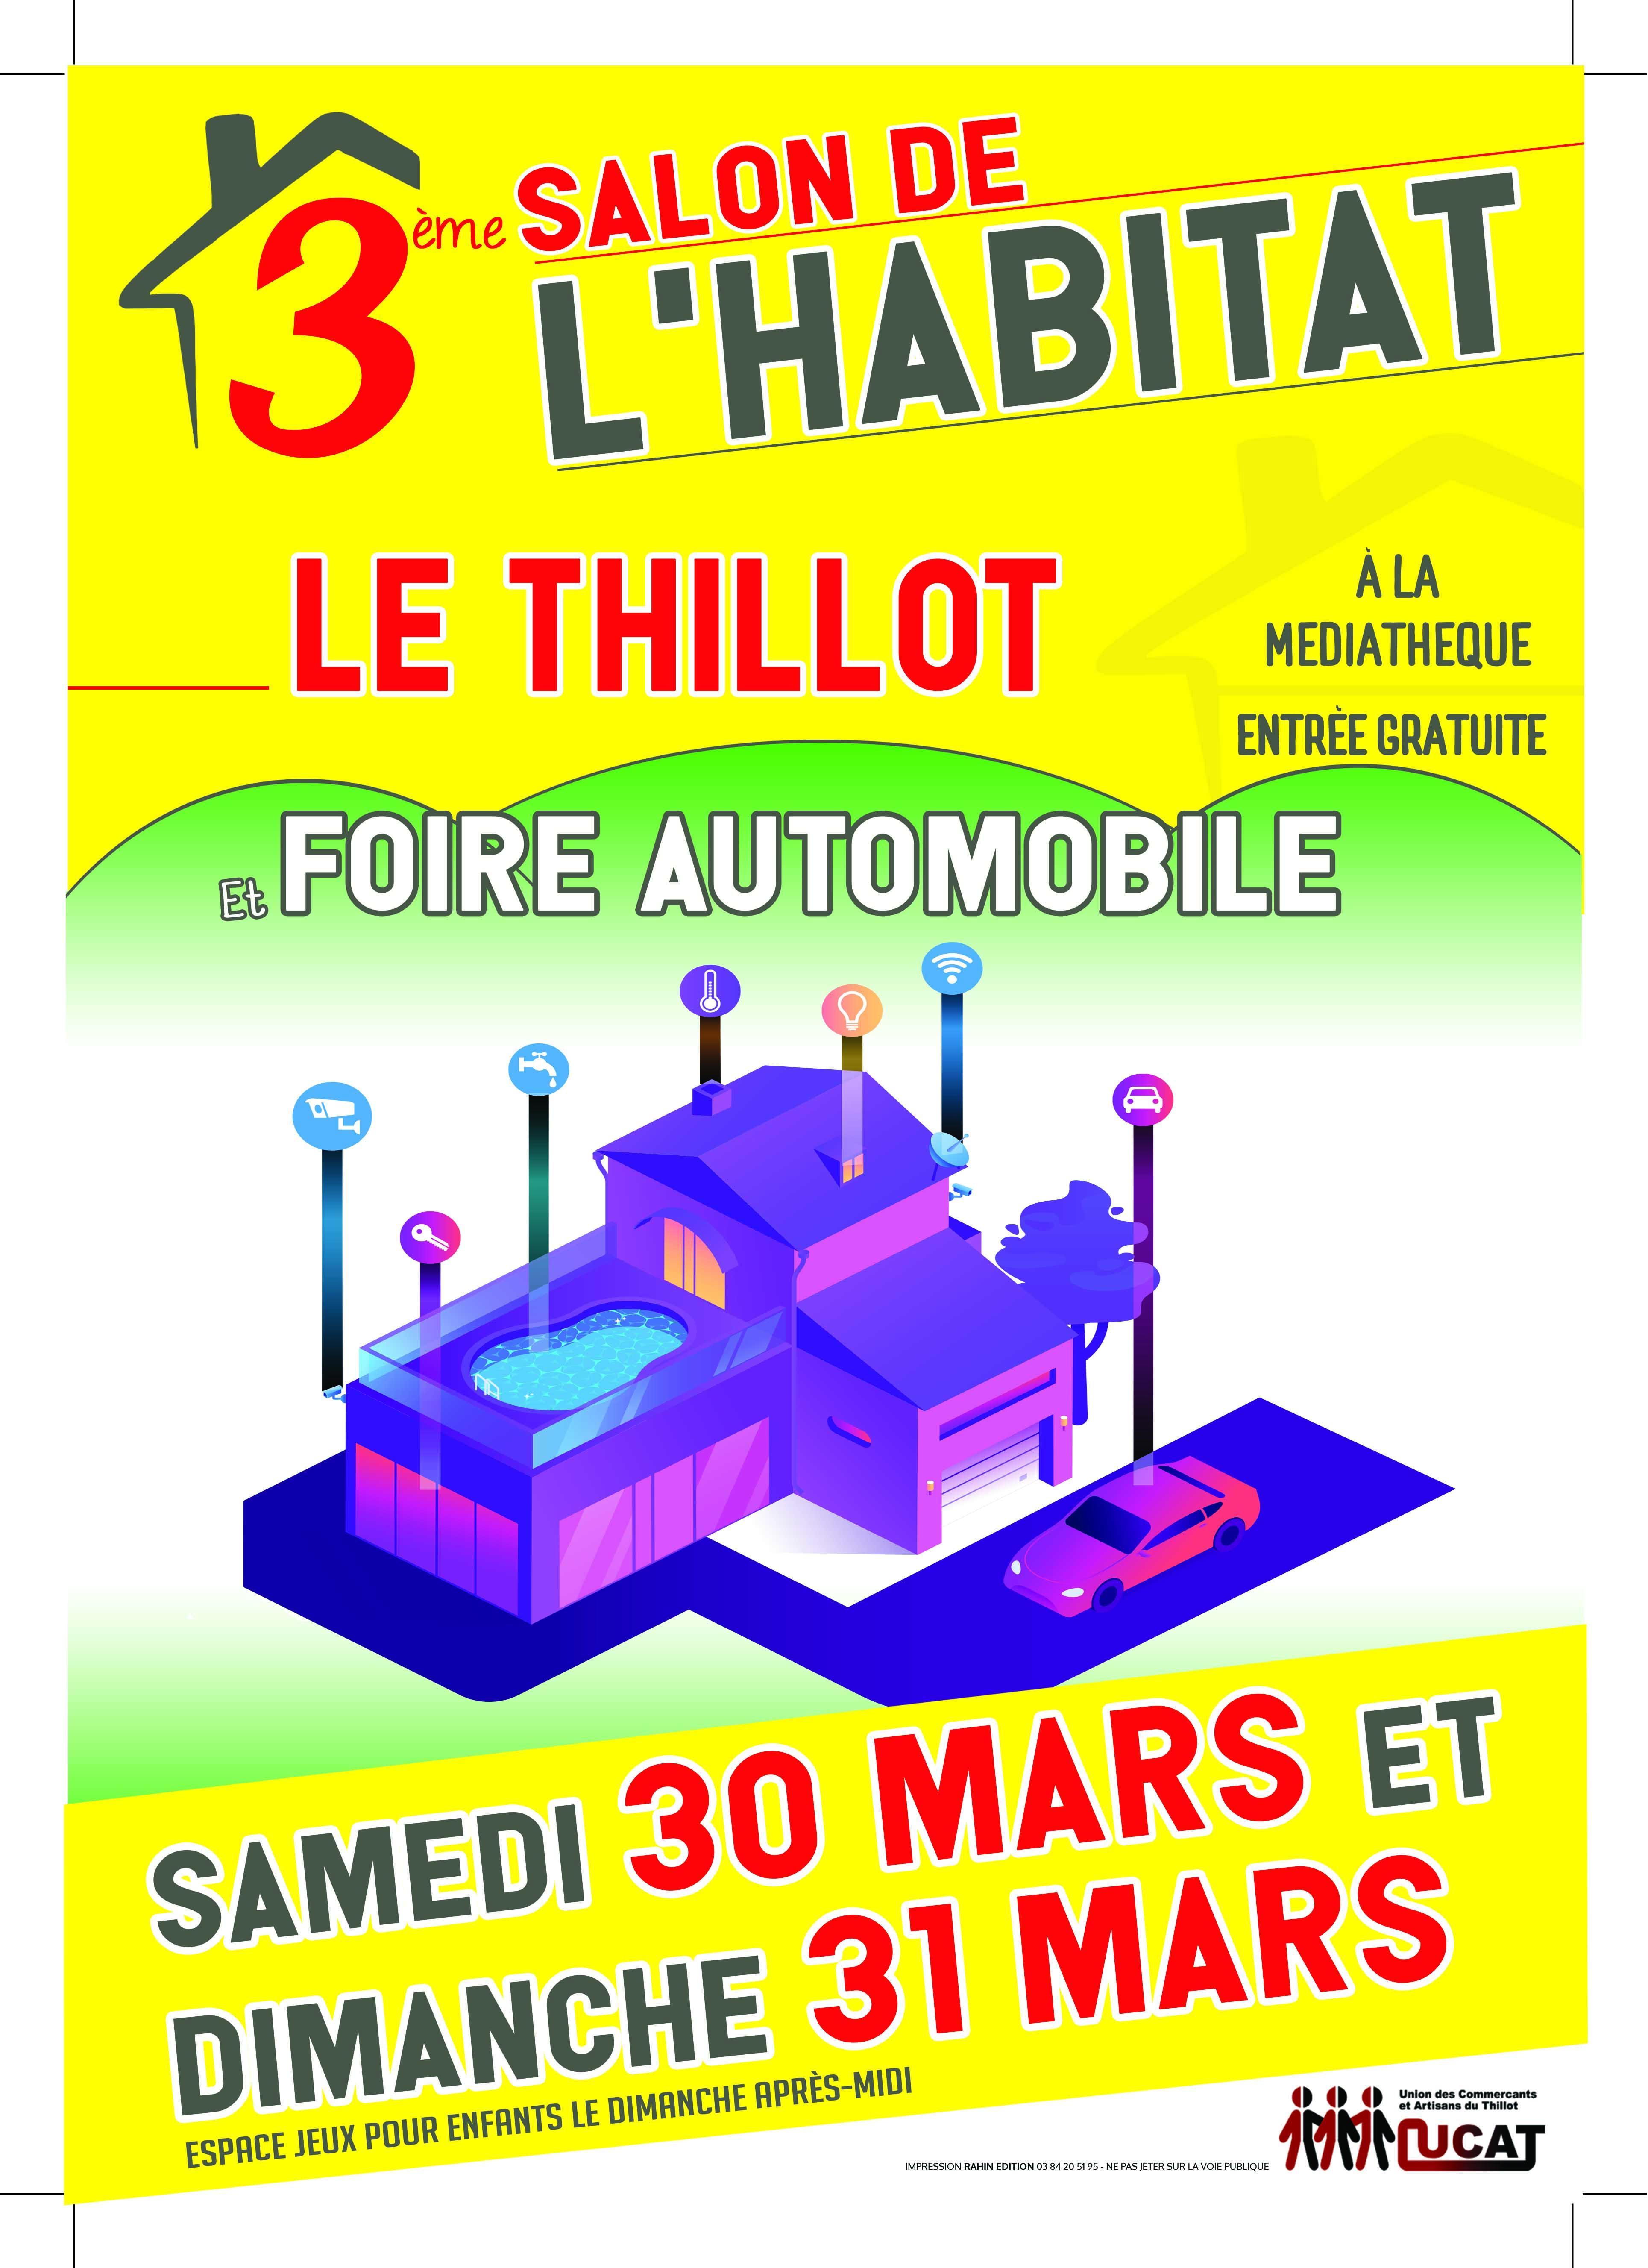 Salon de l'habitat à Le Thillot